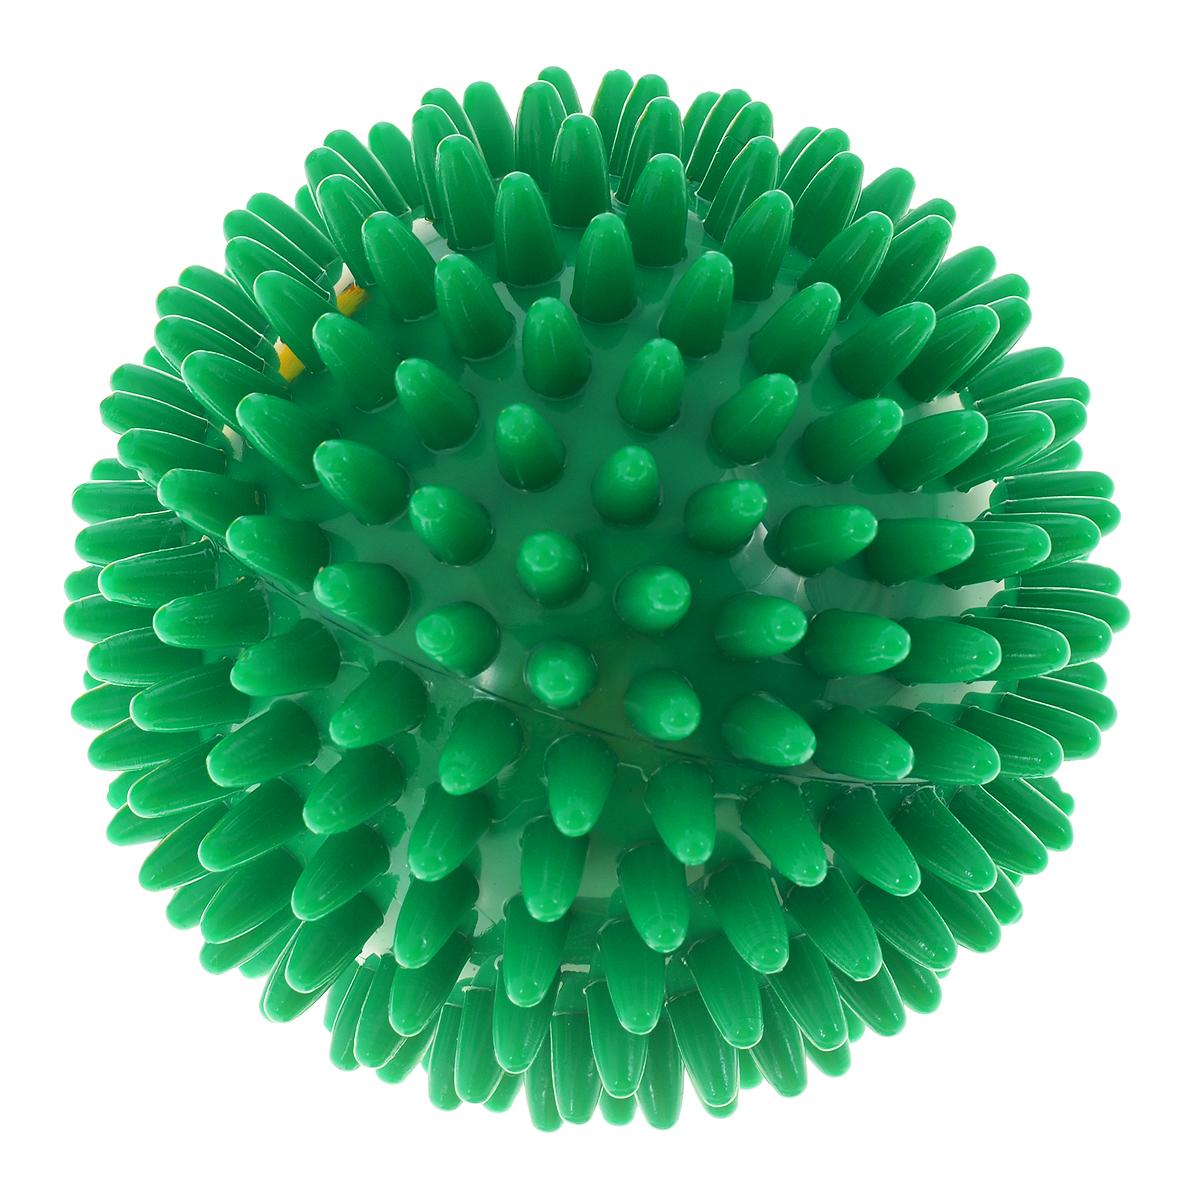 Игрушка для собак V.I.Pet Массажный мяч, цвет: зеленый, диаметр 10 смBL11-015-100Игрушка для собак V.I.Pet Массажный мяч, изготовленная из ПВХ, предназначена для массажа и самомассажа рефлексогенных зон. Она имеет мягкие закругленные массажные шипы, эффективно массирующие и не травмирующие кожу. Игрушка не позволит скучать вашему питомцу ни дома, ни на улице.Диаметр: 10 см.